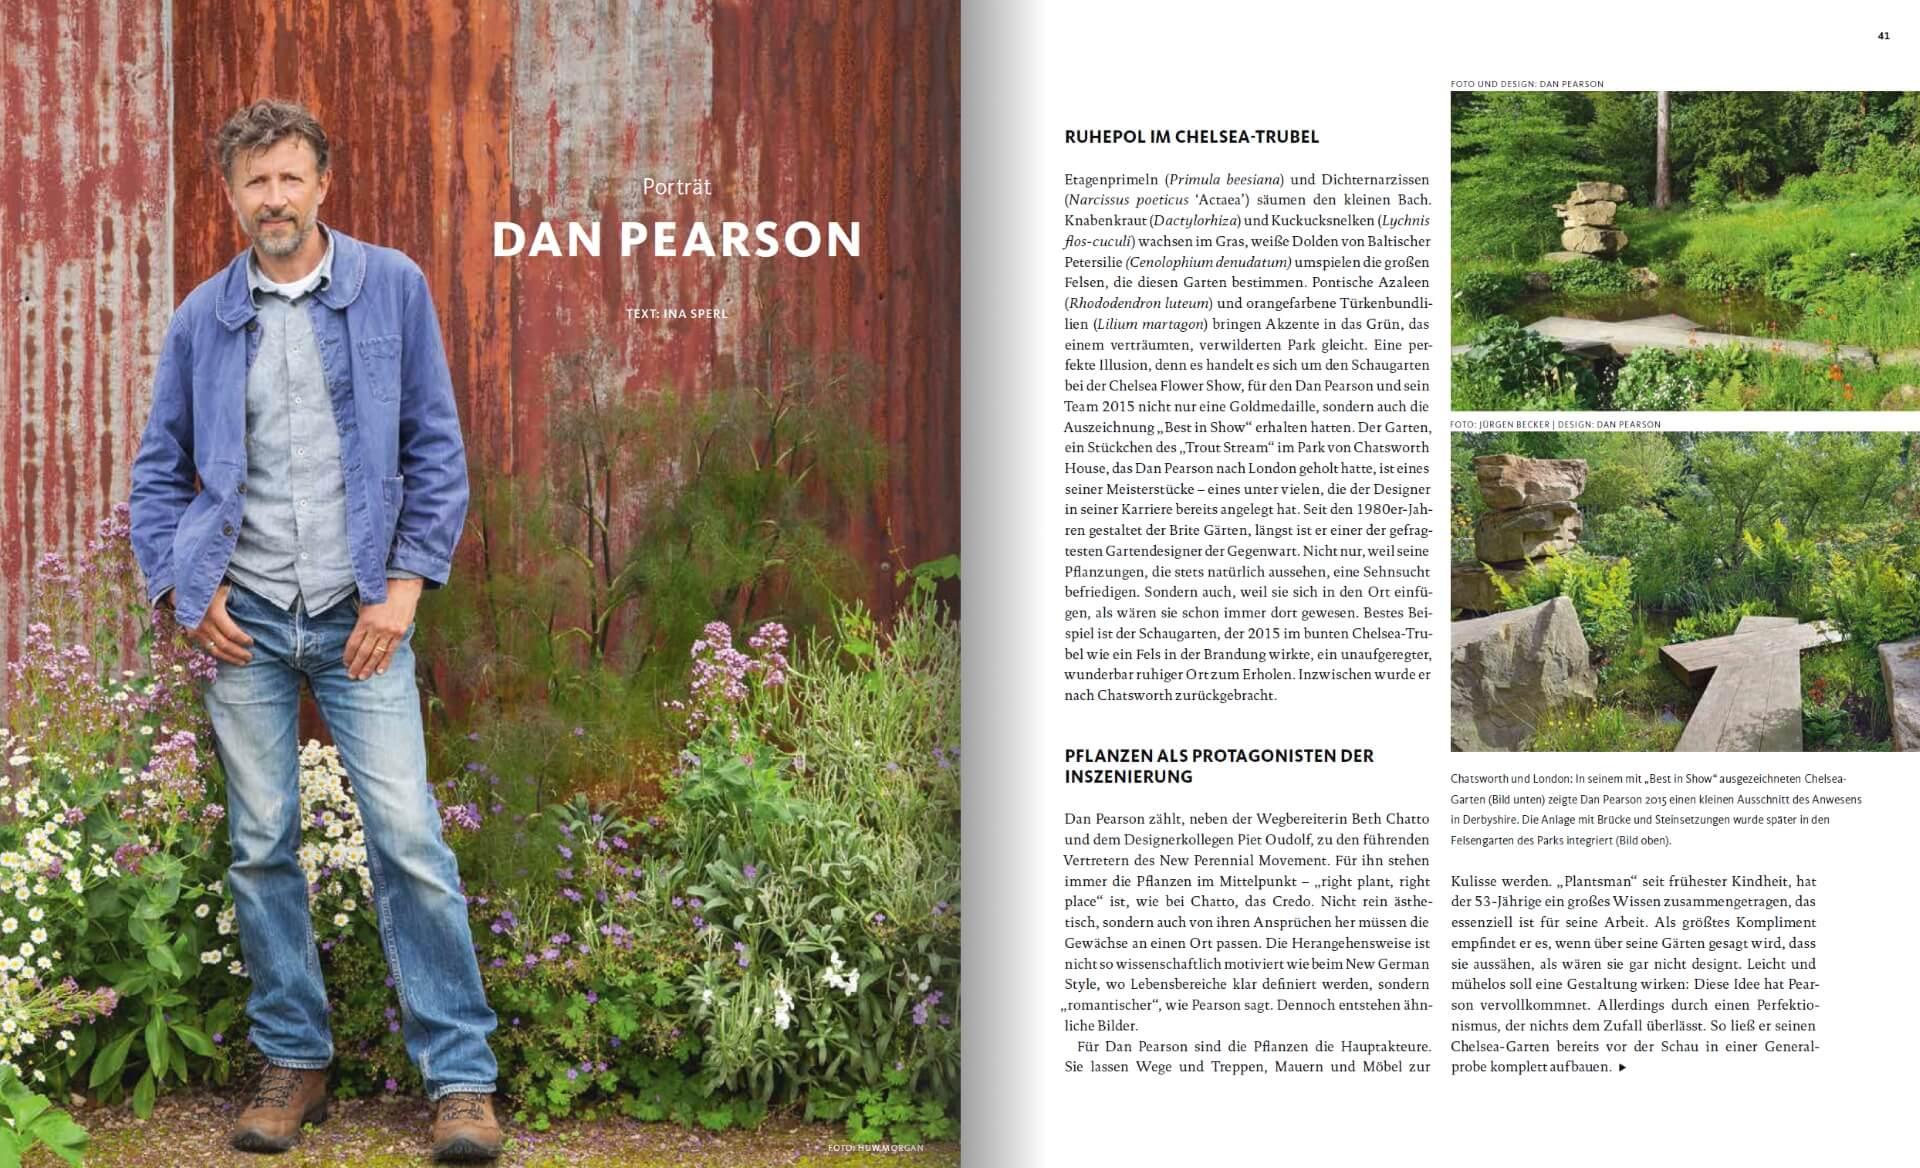 GARTENDESIGN INSPIRATION 3/2018: Dan Pearson